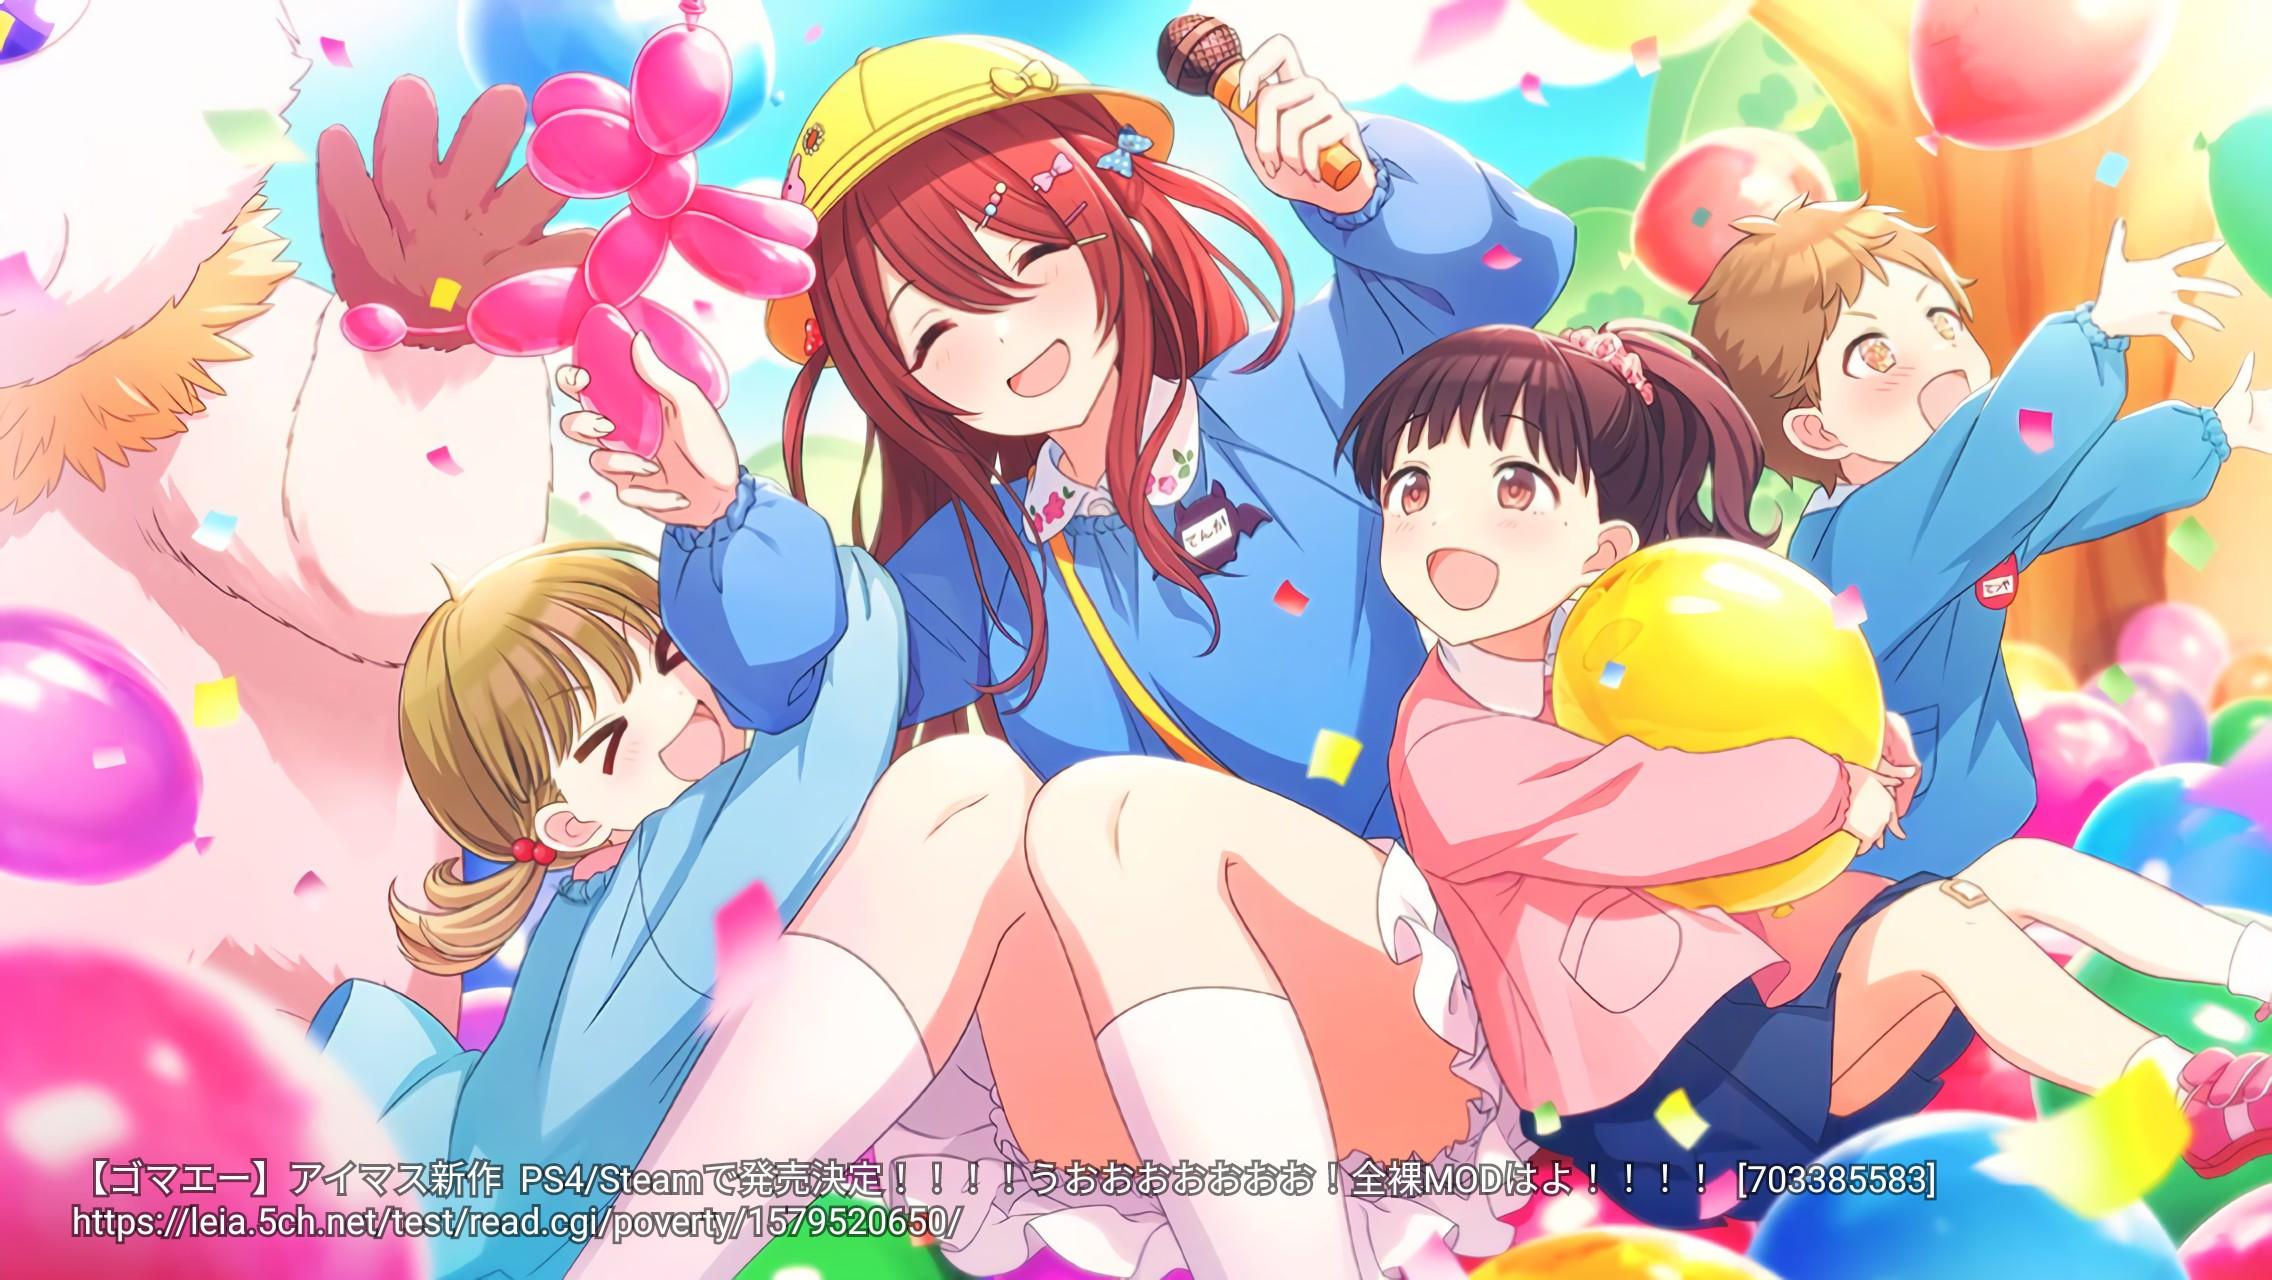 13 1 - 【ゴマエー】アイマス新作  PS4/Steamで発売決定!!!!